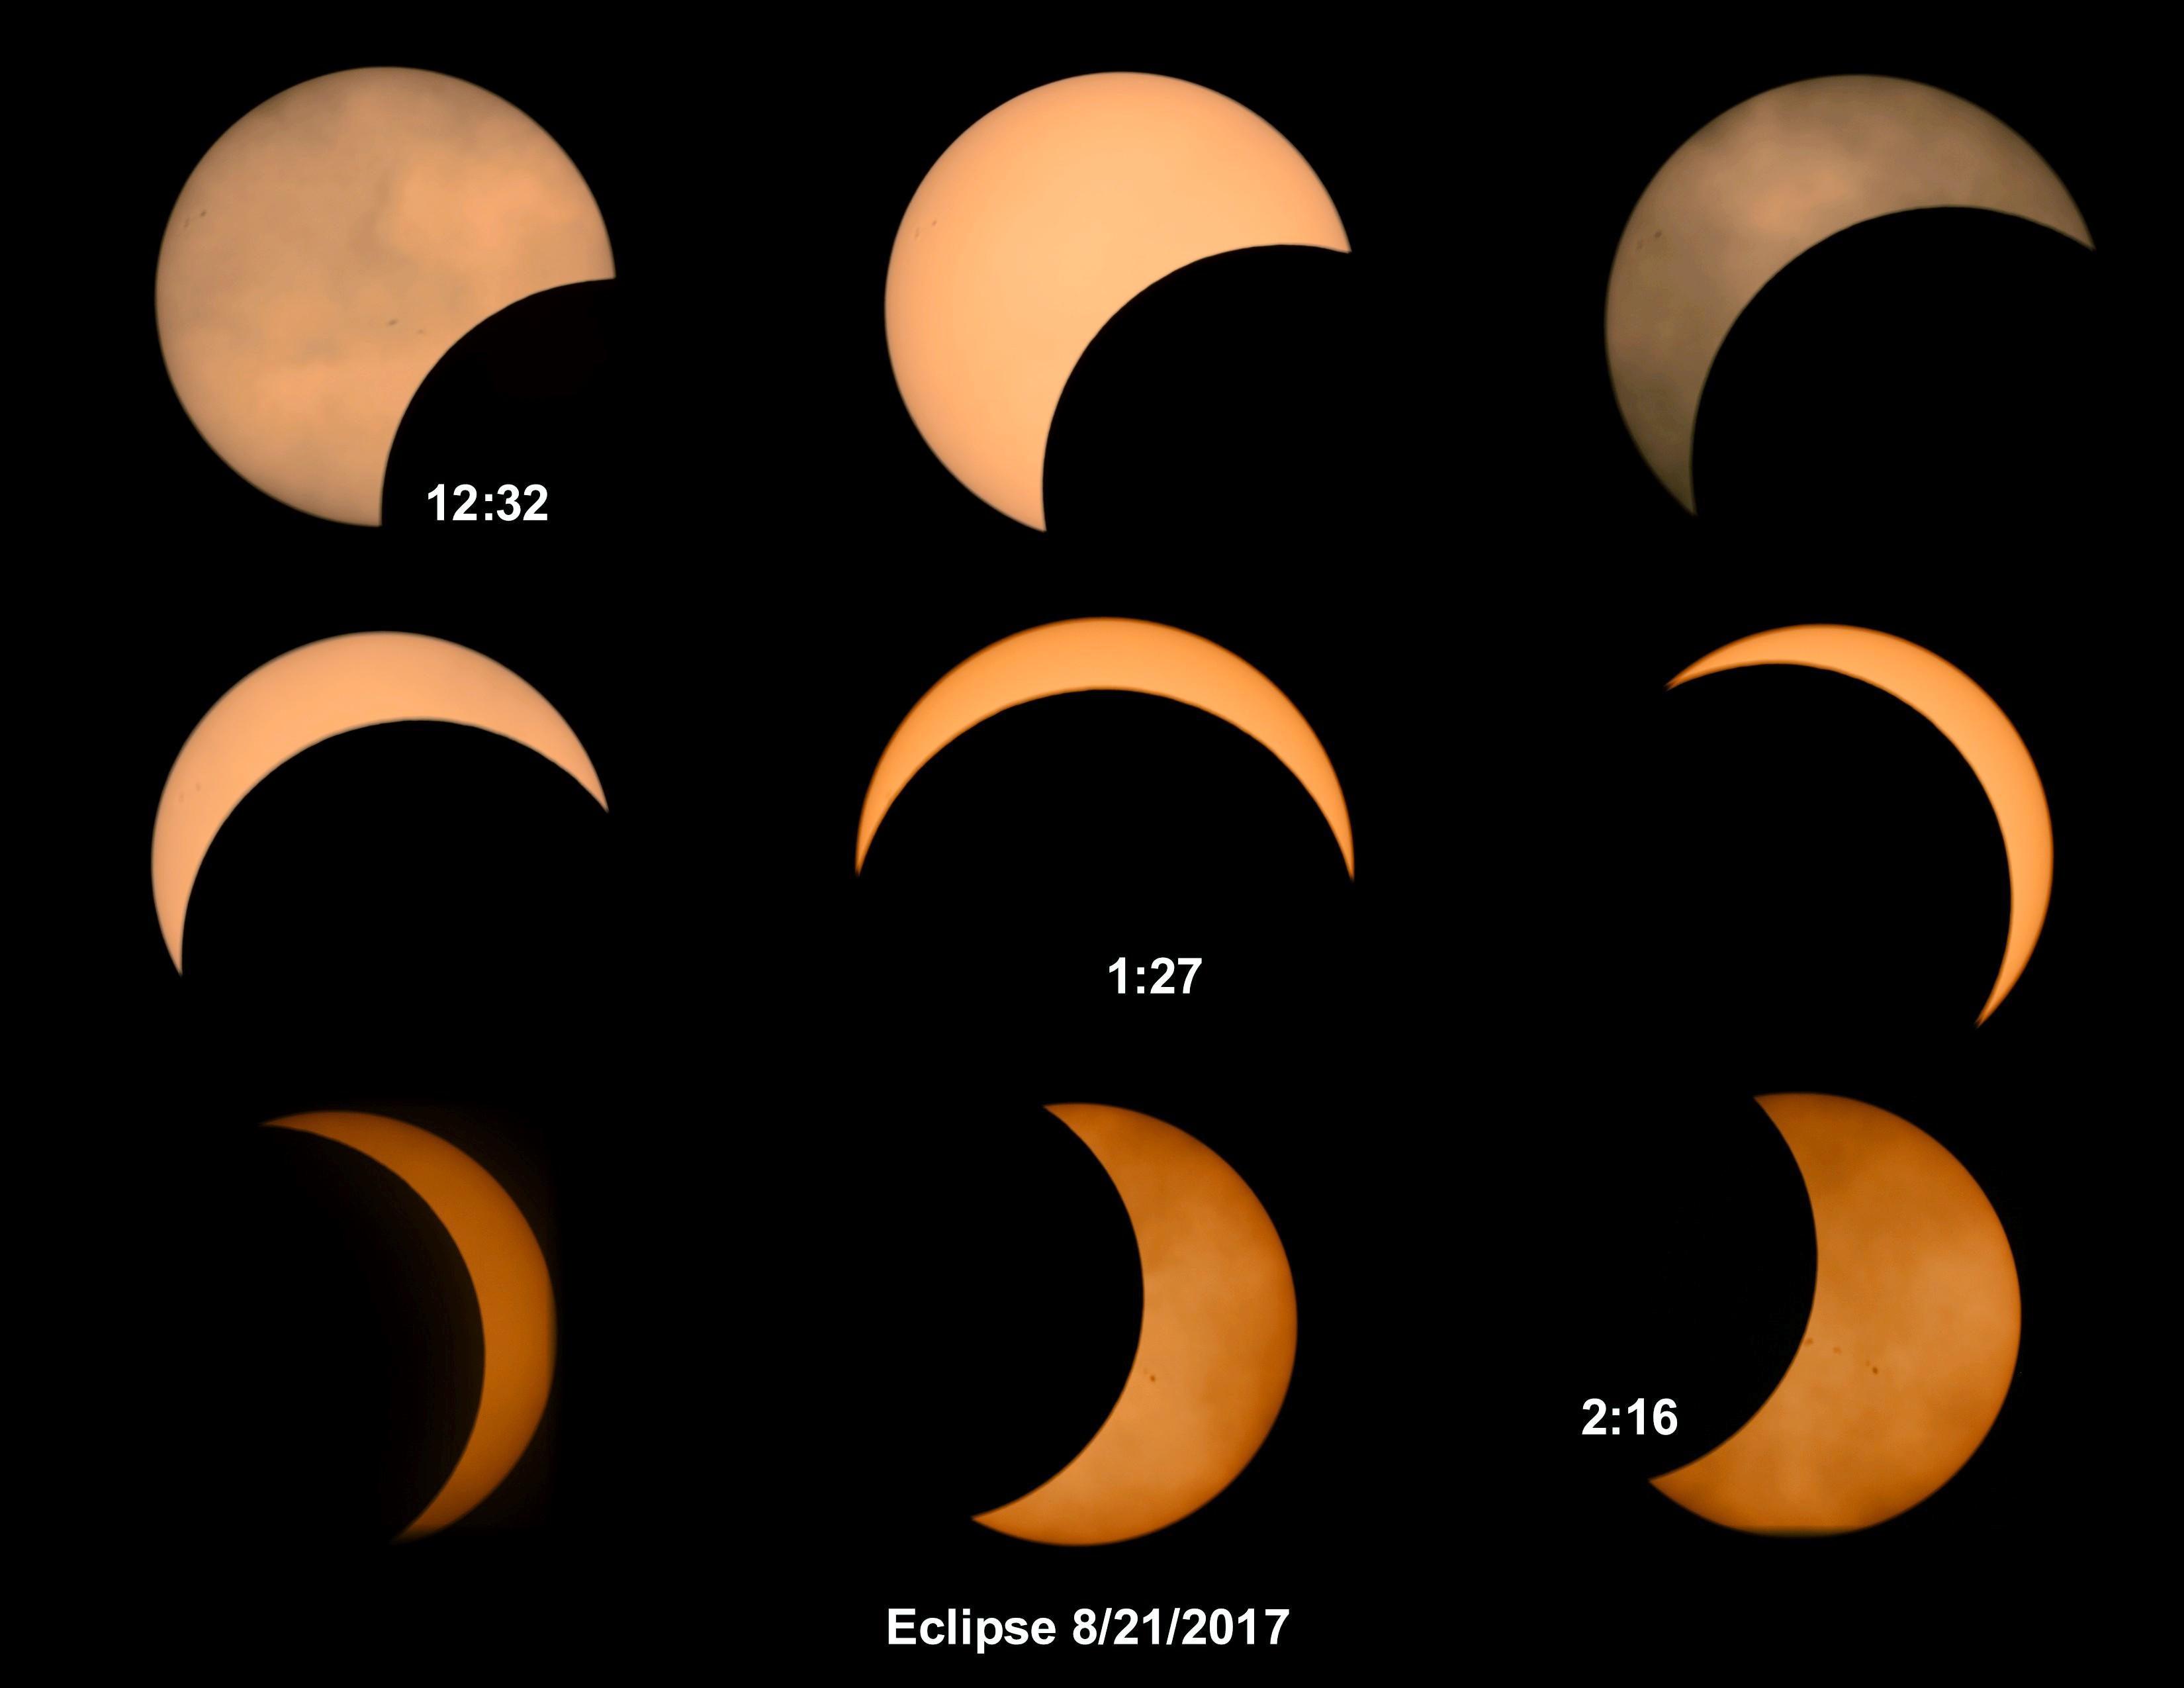 8x11 Eclipse 2017